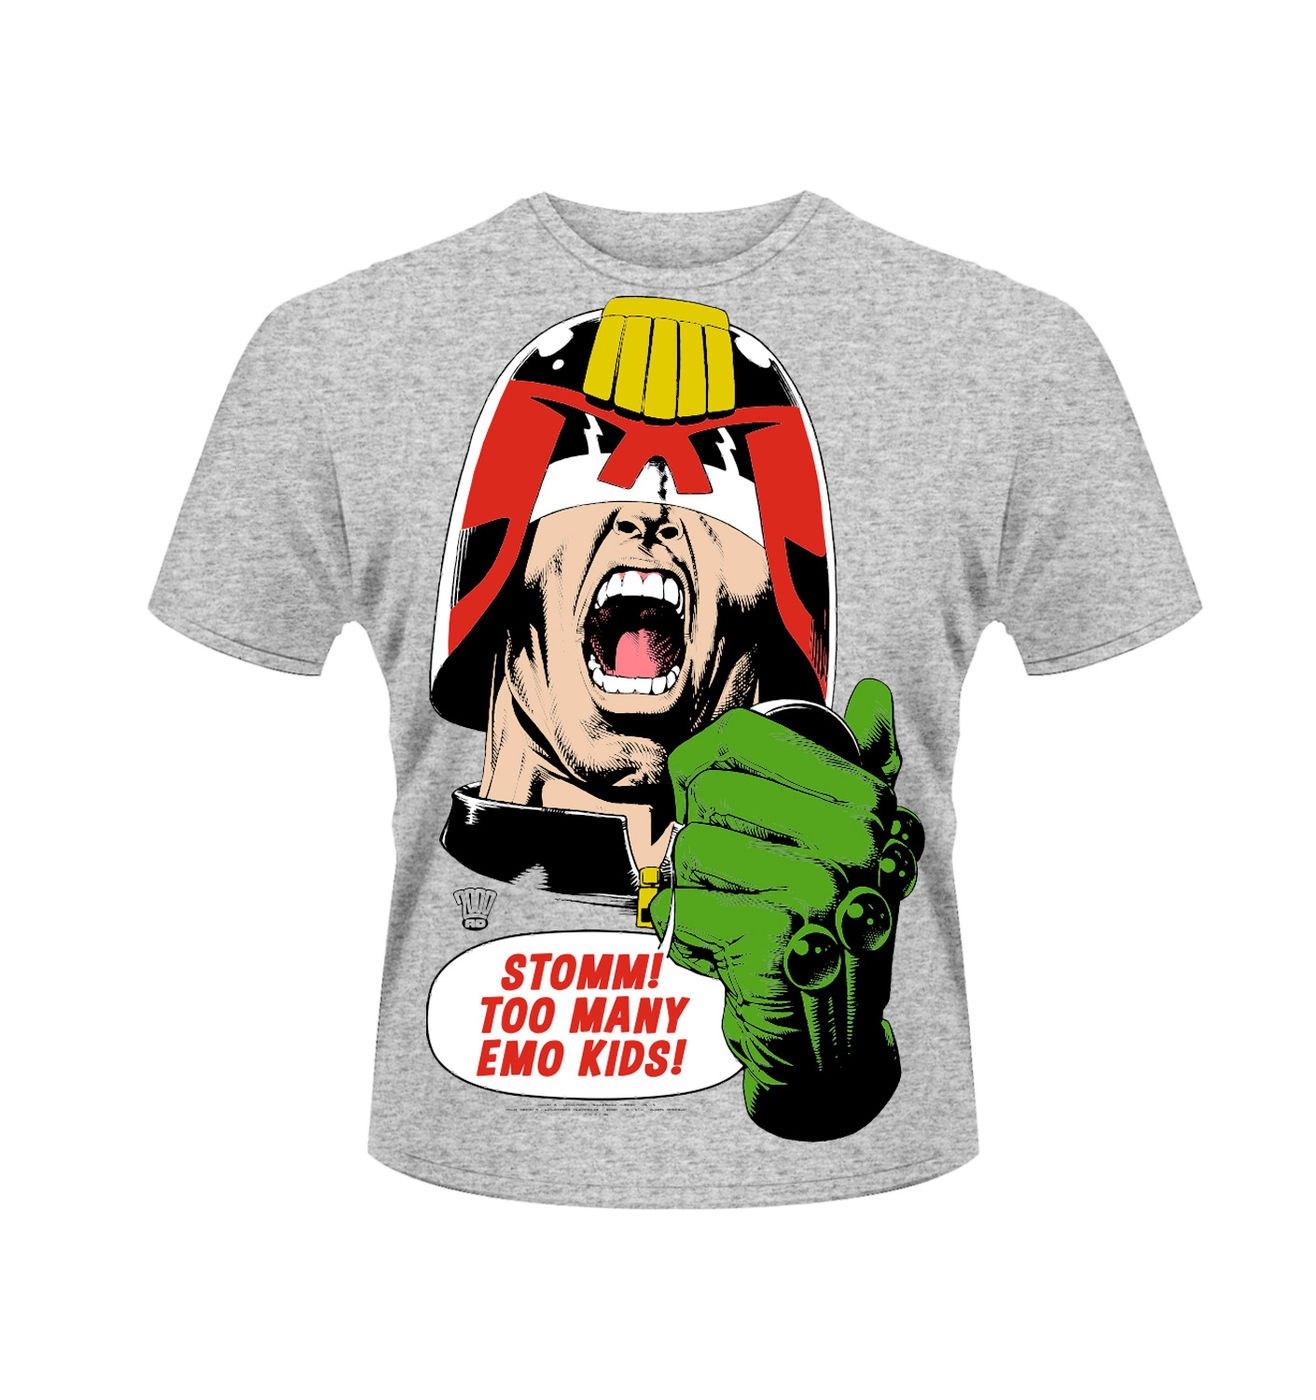 2000AD Judge Dredd Emo t-shirt - Official